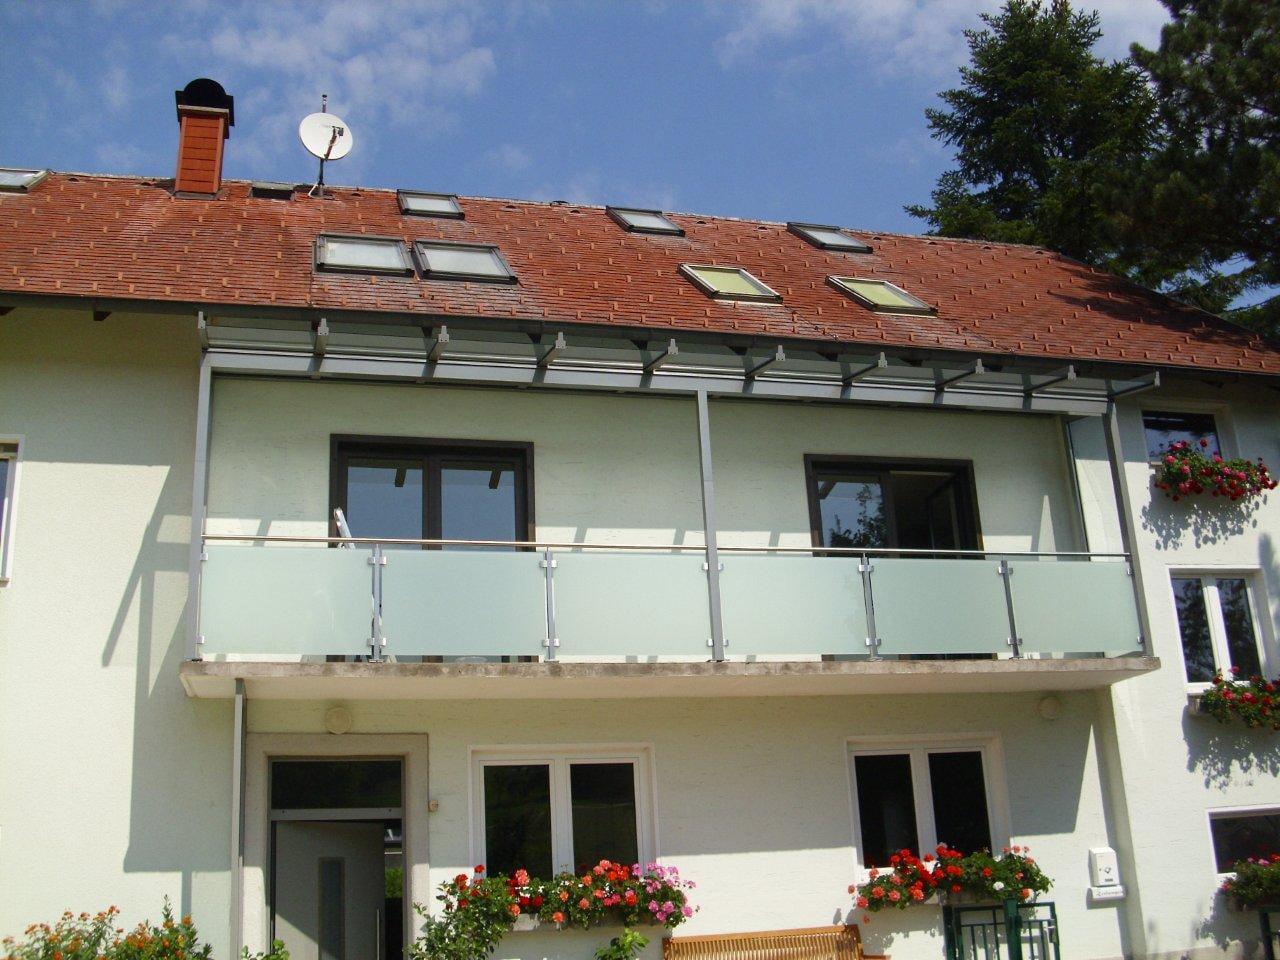 Balkonüberdachung mit Glasdach